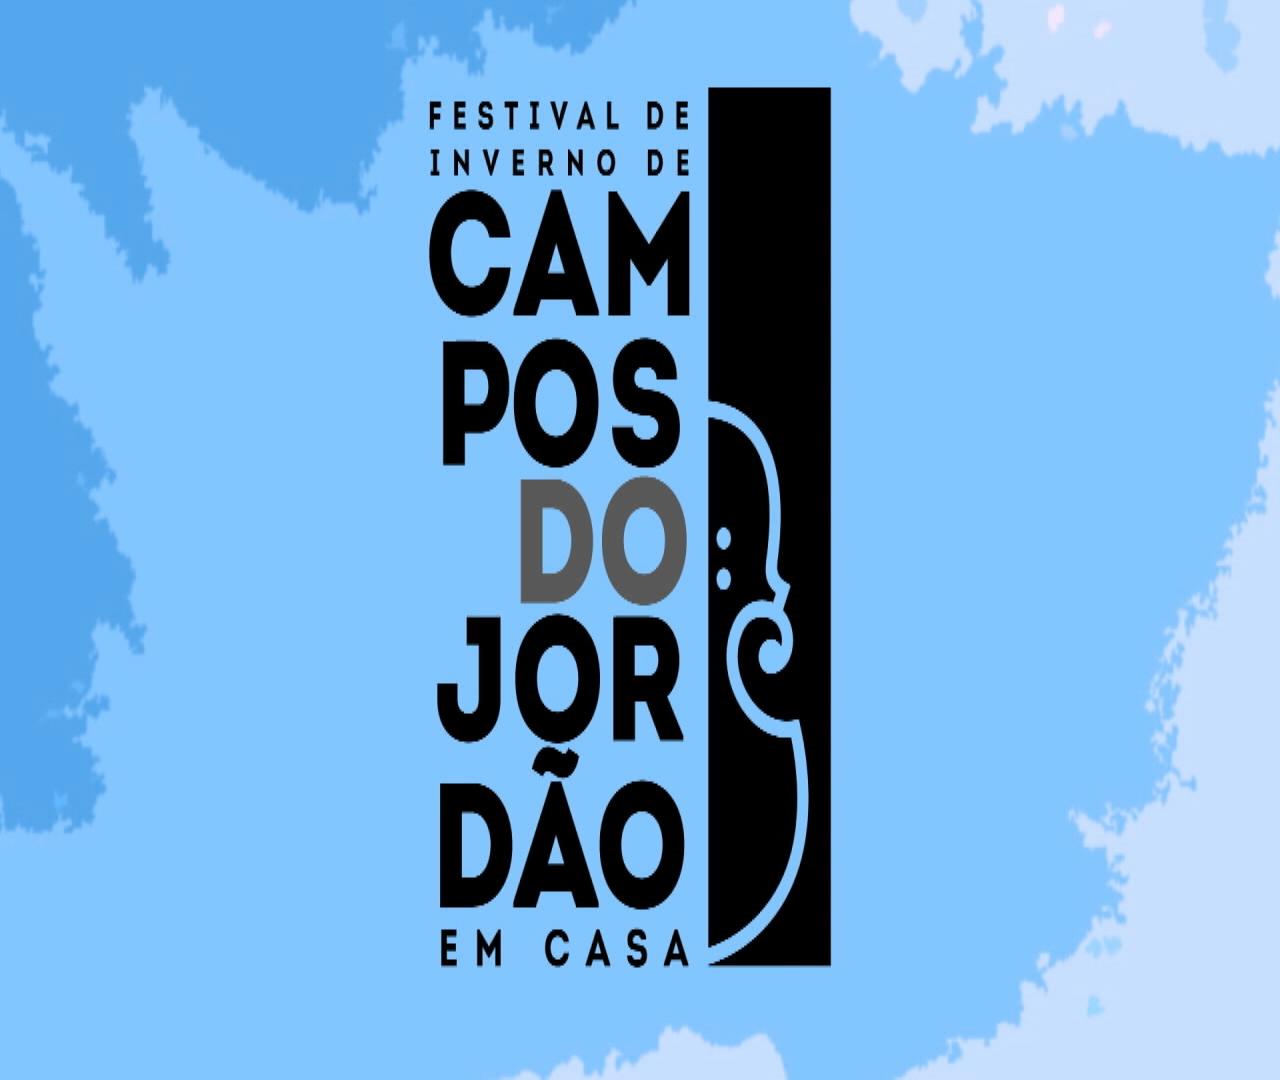 Festival de Inverno de Campos do Jordão Em Casa